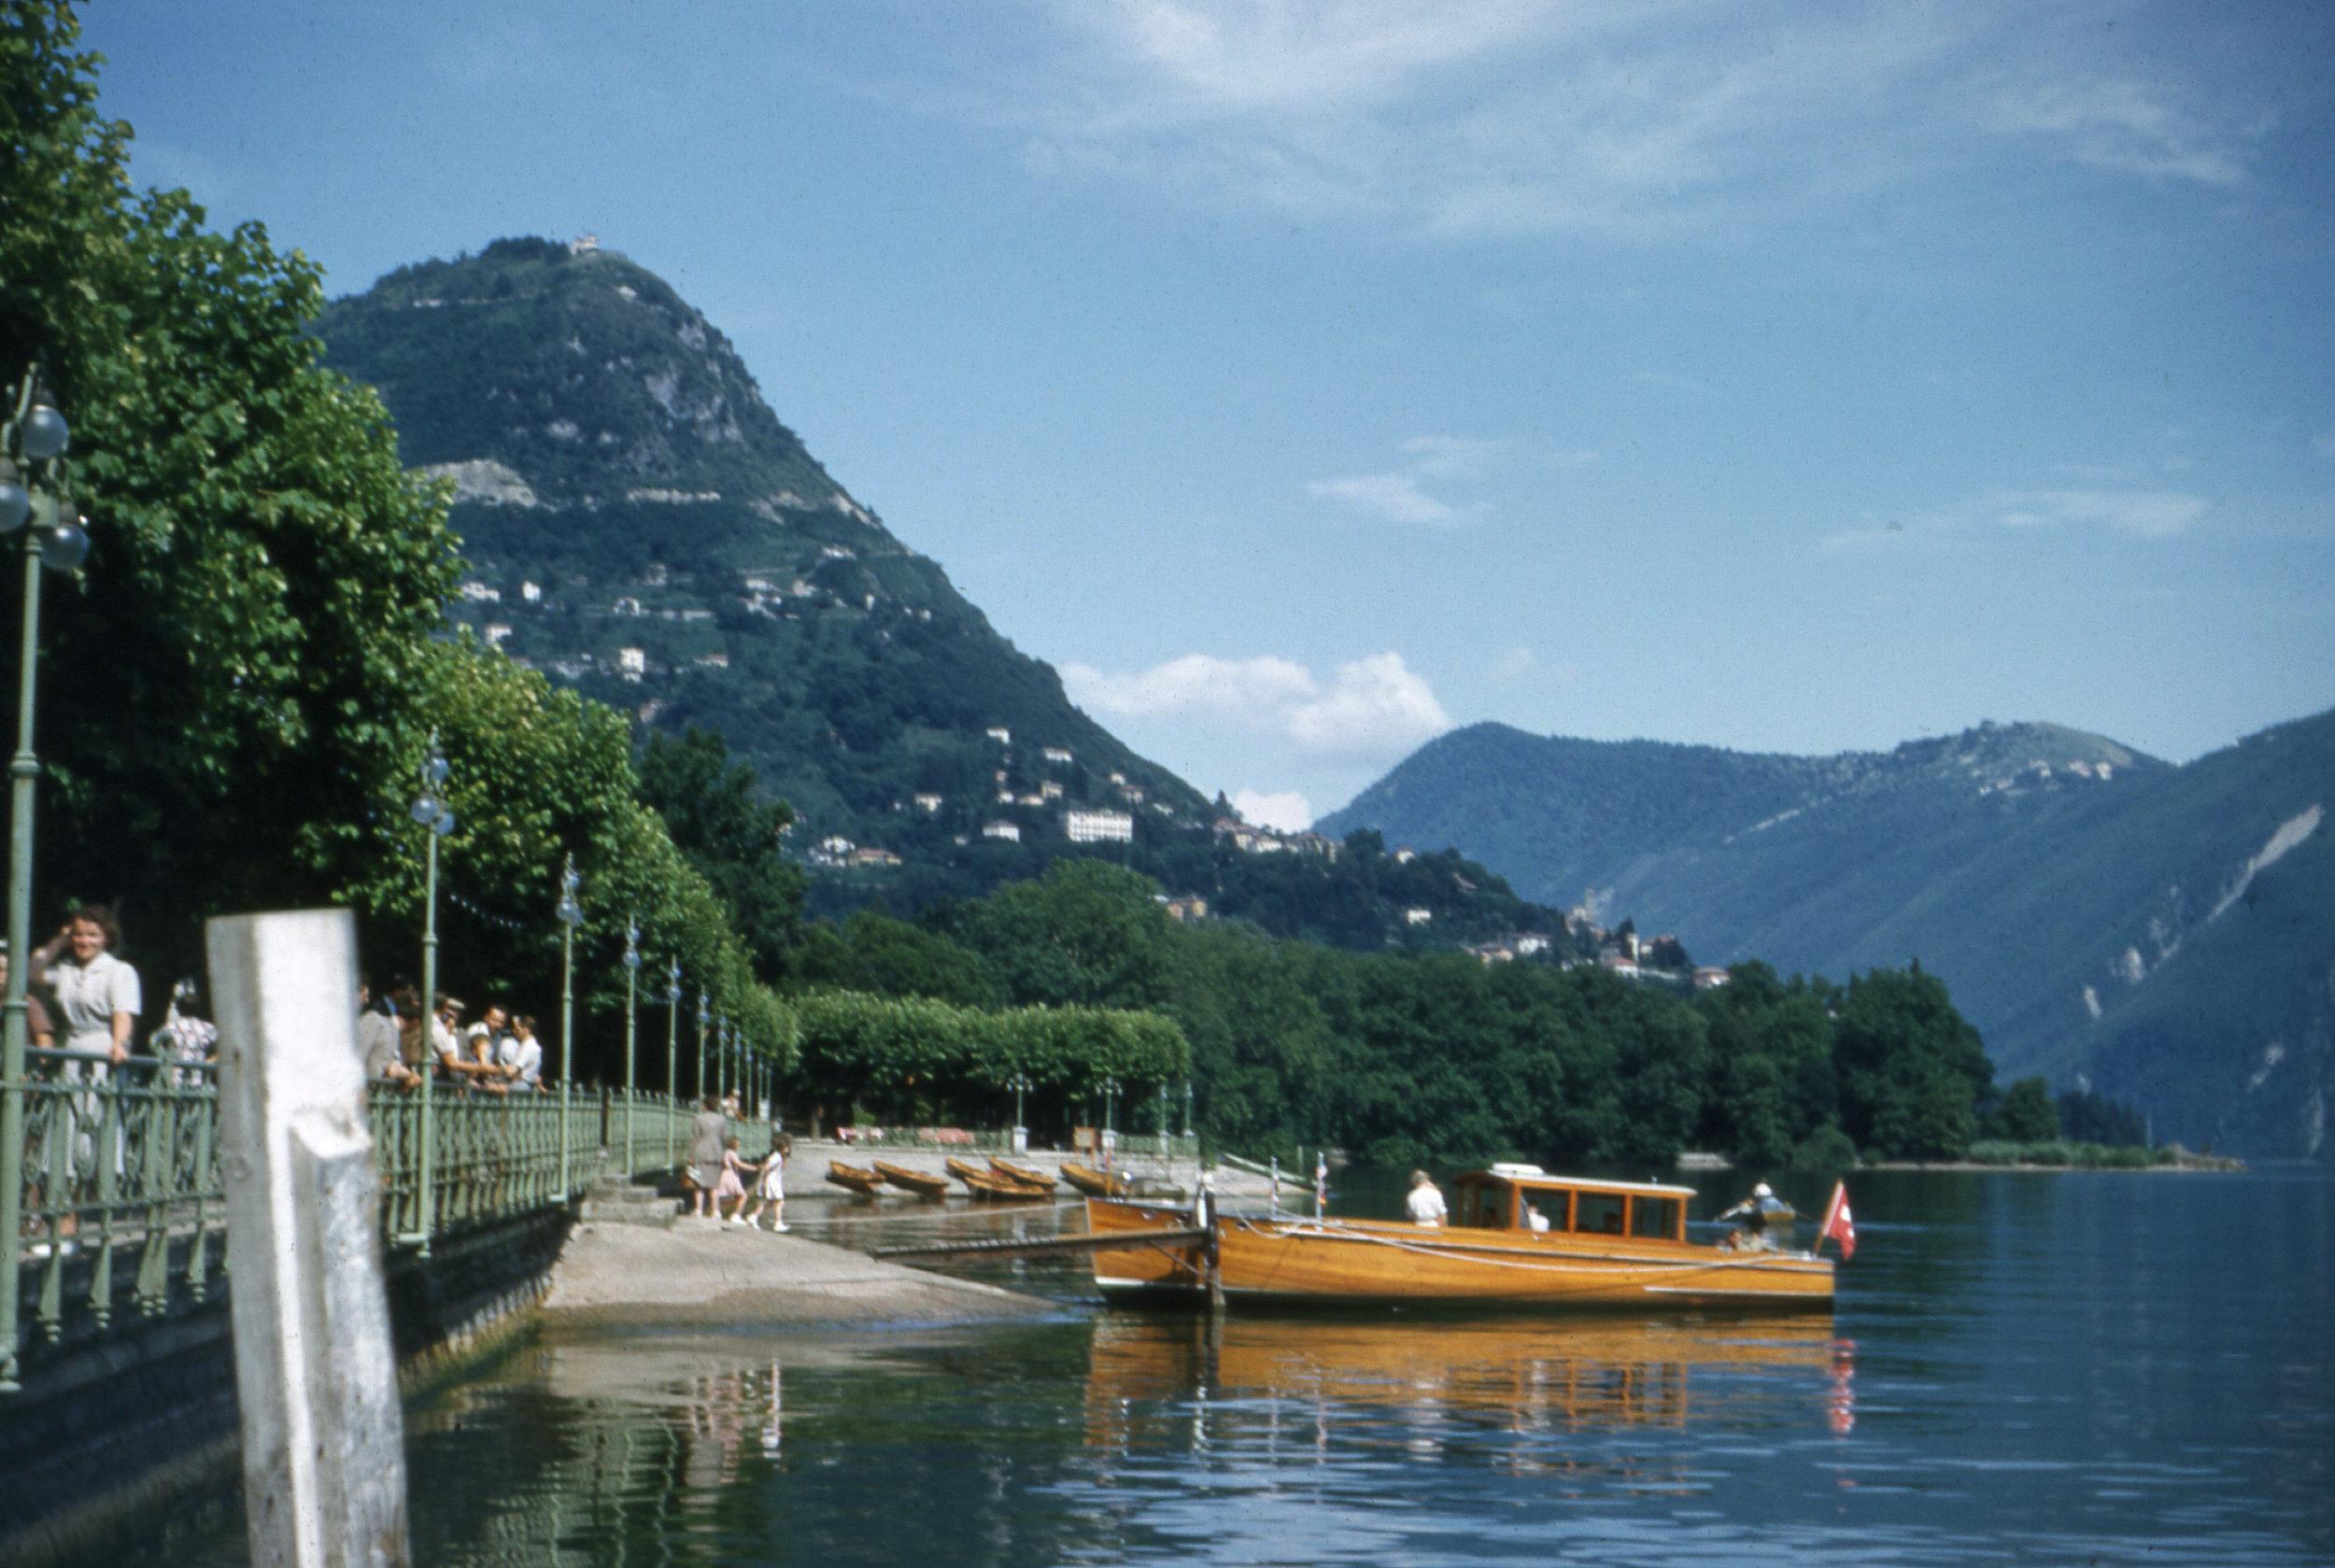 Lugano_Giardino.jpg